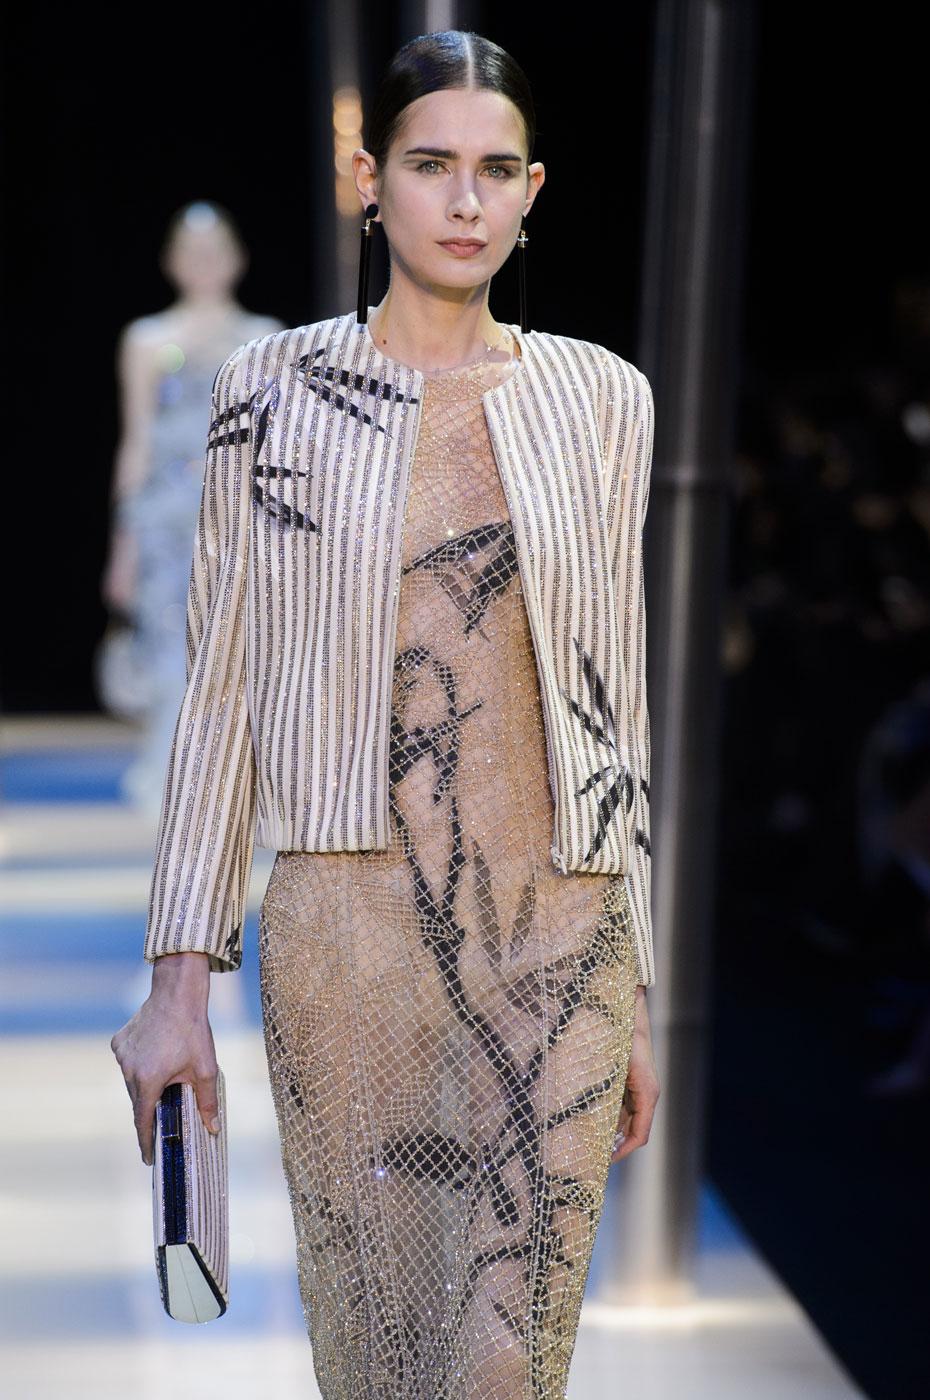 Giorgio-armani-Prive-fashion-runway-show-haute-couture-paris-spring-2015-the-impression-094